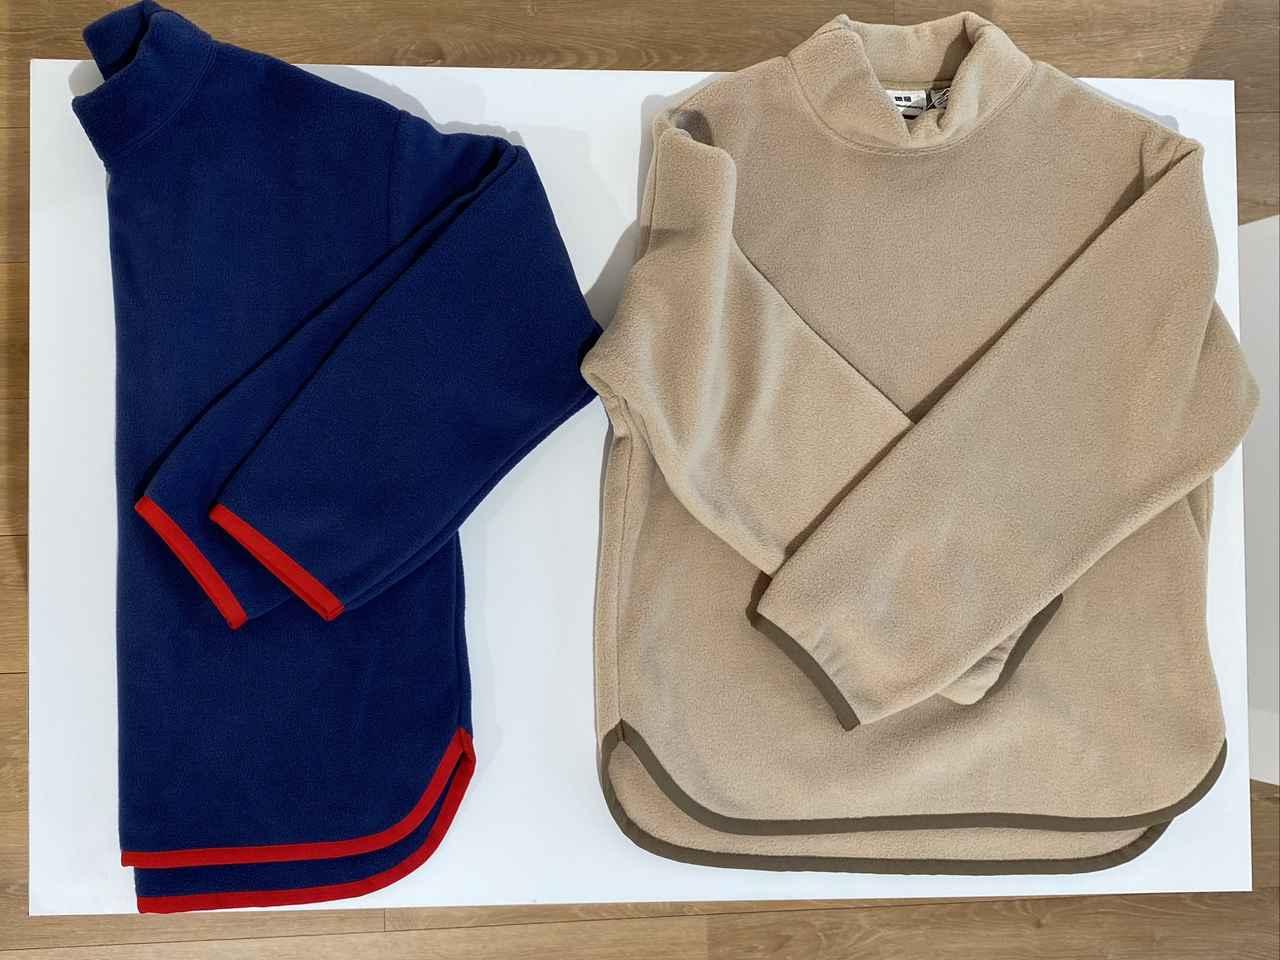 画像: KIDS フリースオーバサイズモックネックプルオーバー¥1,500/ユニクロ(ユニクロ アンド ホワイトマウンテニアリング) 出典:fashion trend news